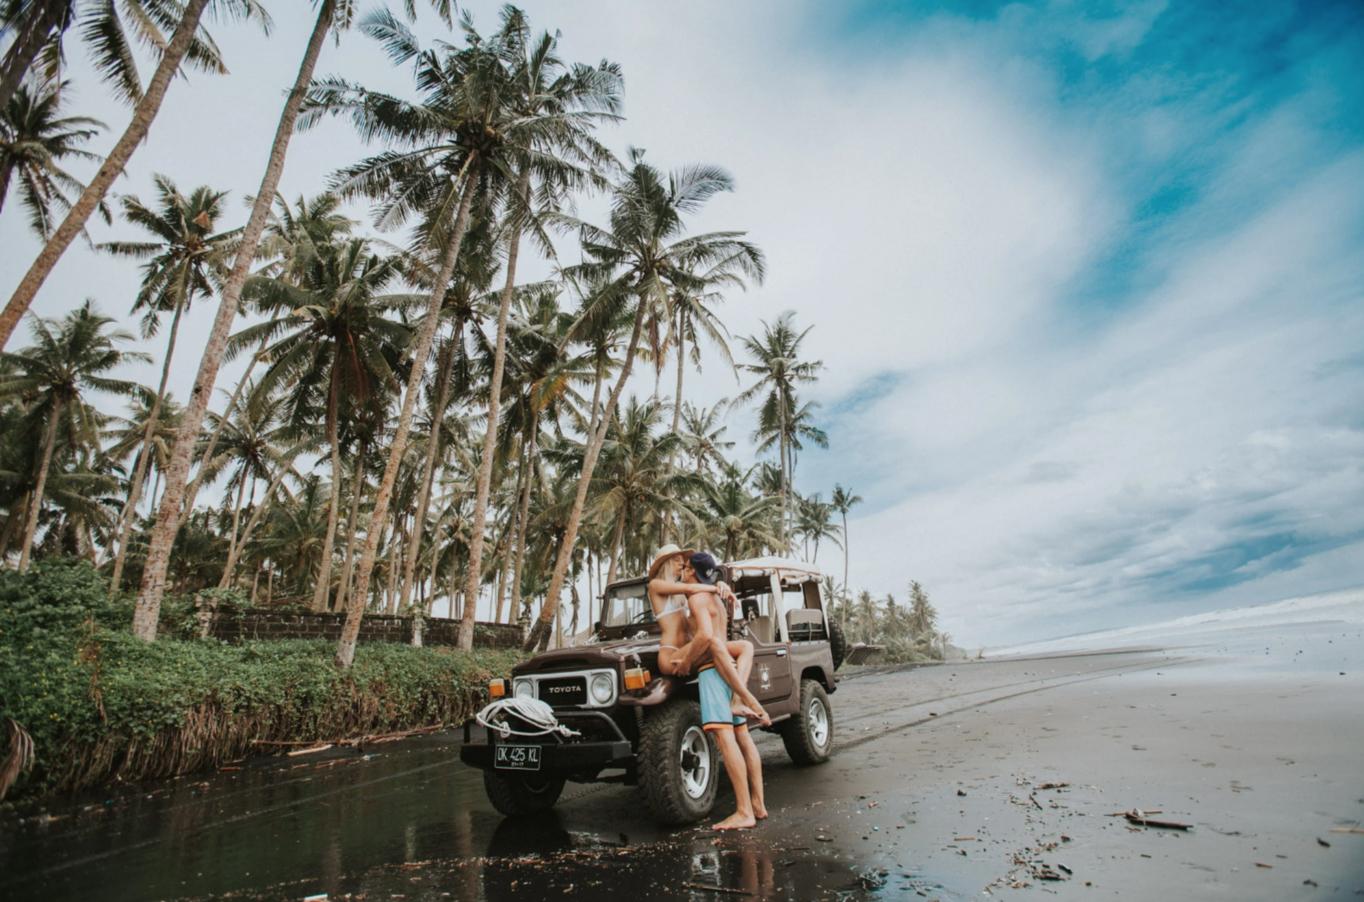 FLOWTS - Photo Shoot Adventure by Alyssa Risley - IG @alyssarisley @flowtslife @katrikats @juhanisarglep #BEACH #KISS